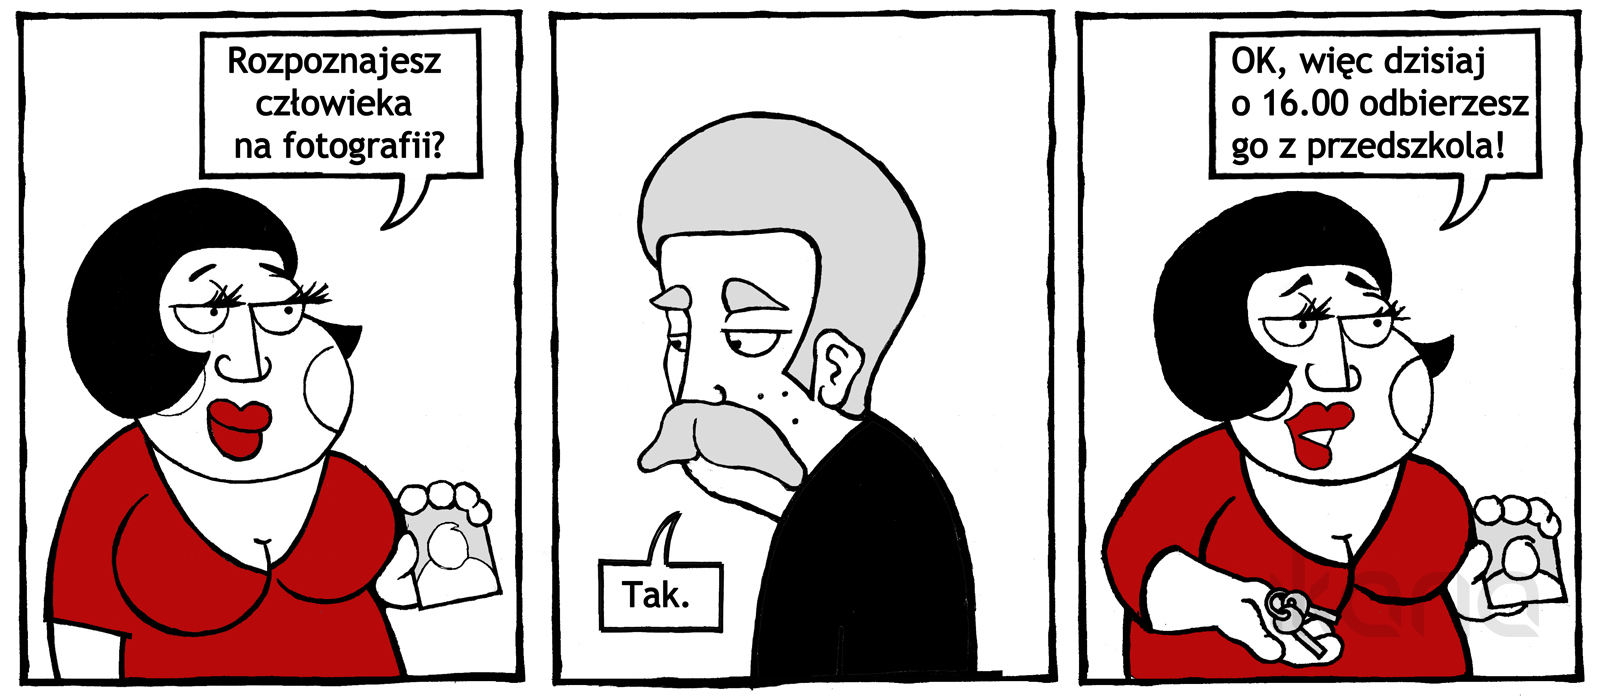 Komiks dnia #1- nie bójmy się śmiać z informatyków i osób mieszkających w internecie